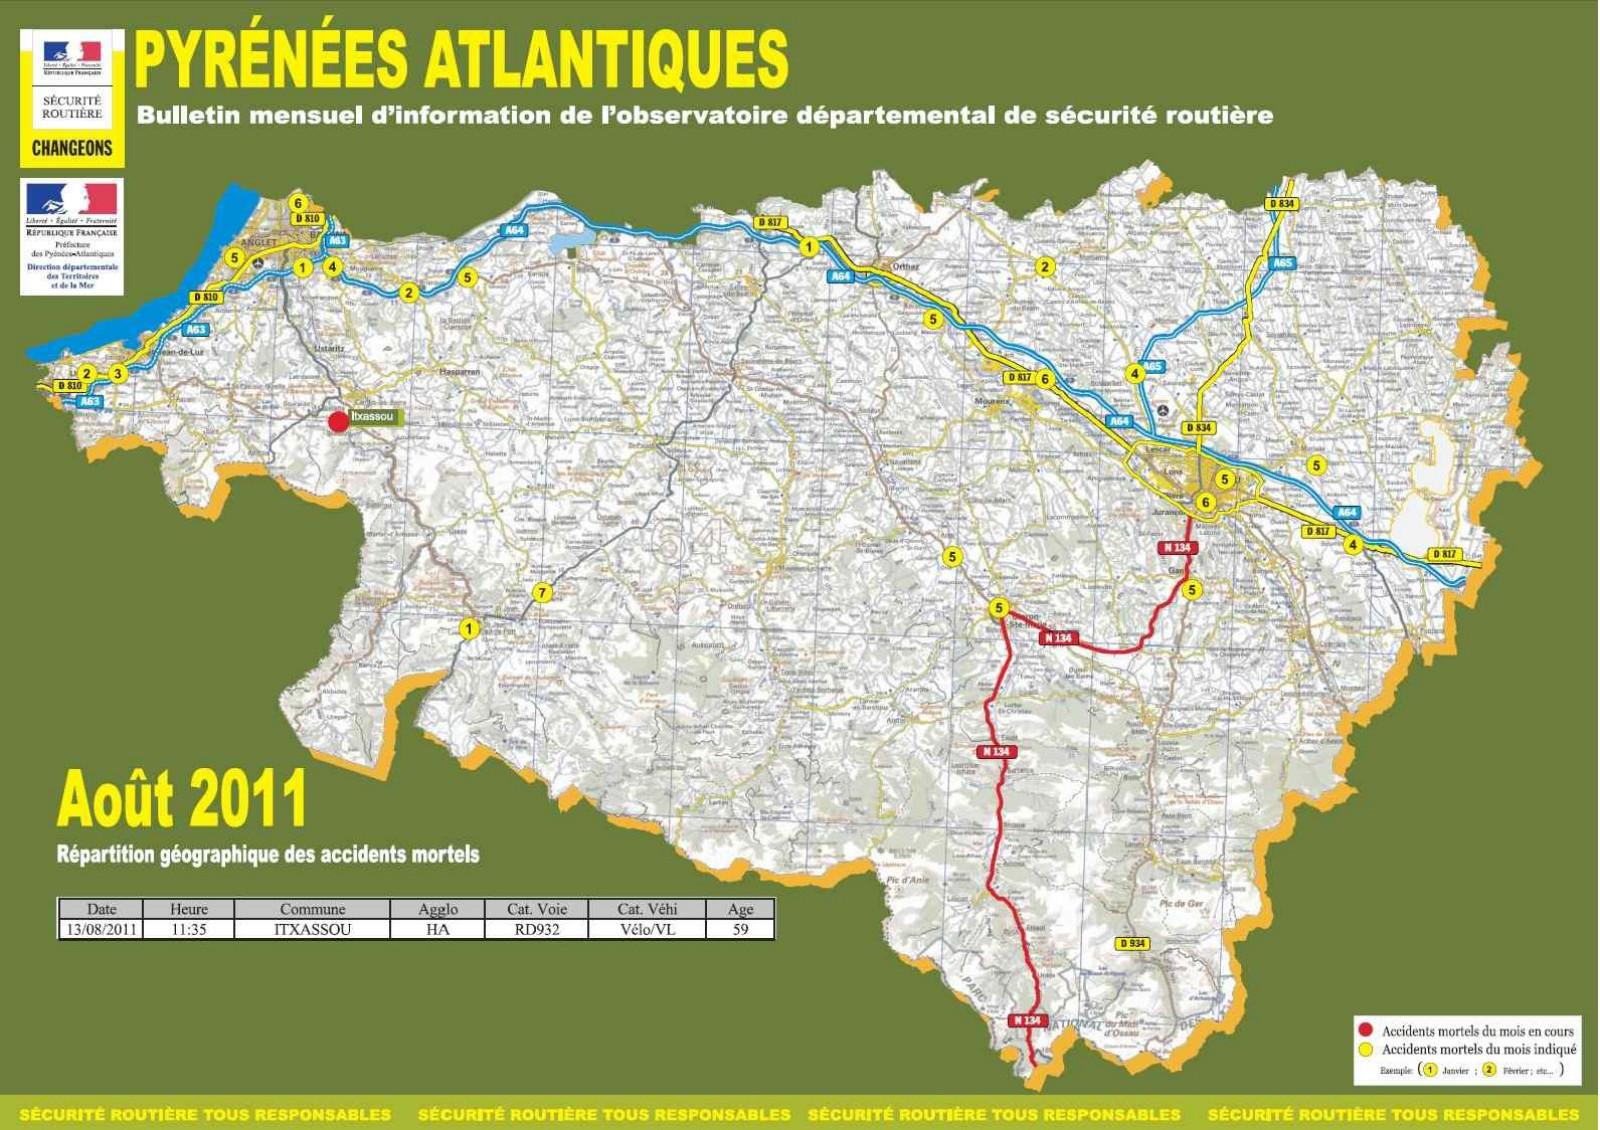 L'Accidentologie au mois d'août 2011 sur les Pyrénées-Atlantiques